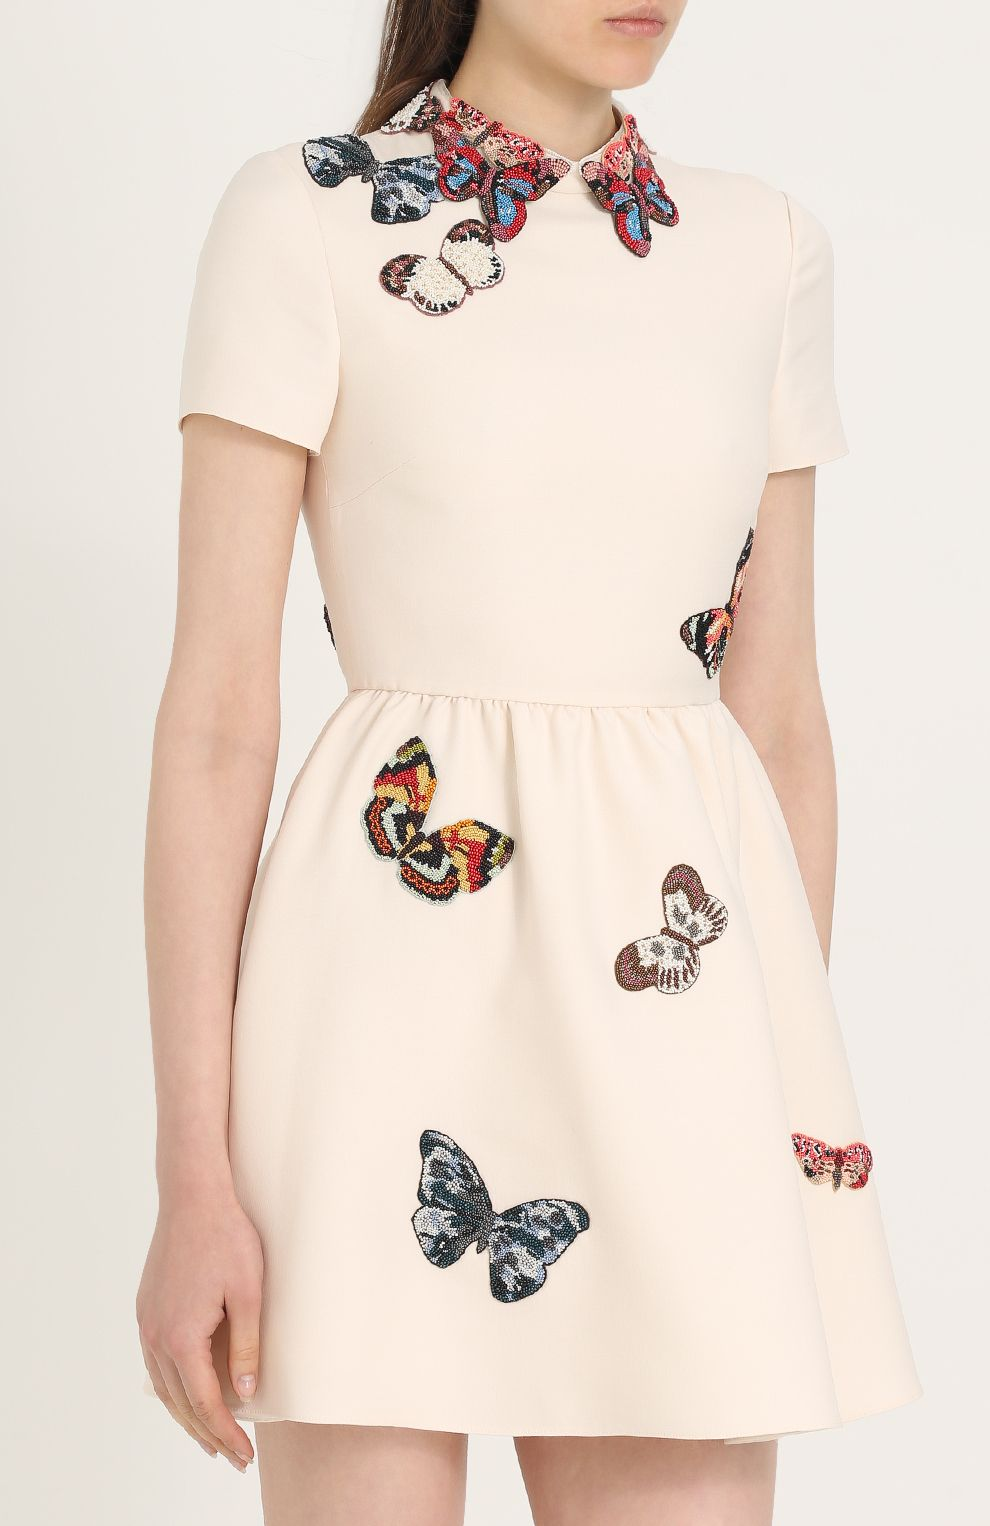 Вышивка бабочек на платье 90